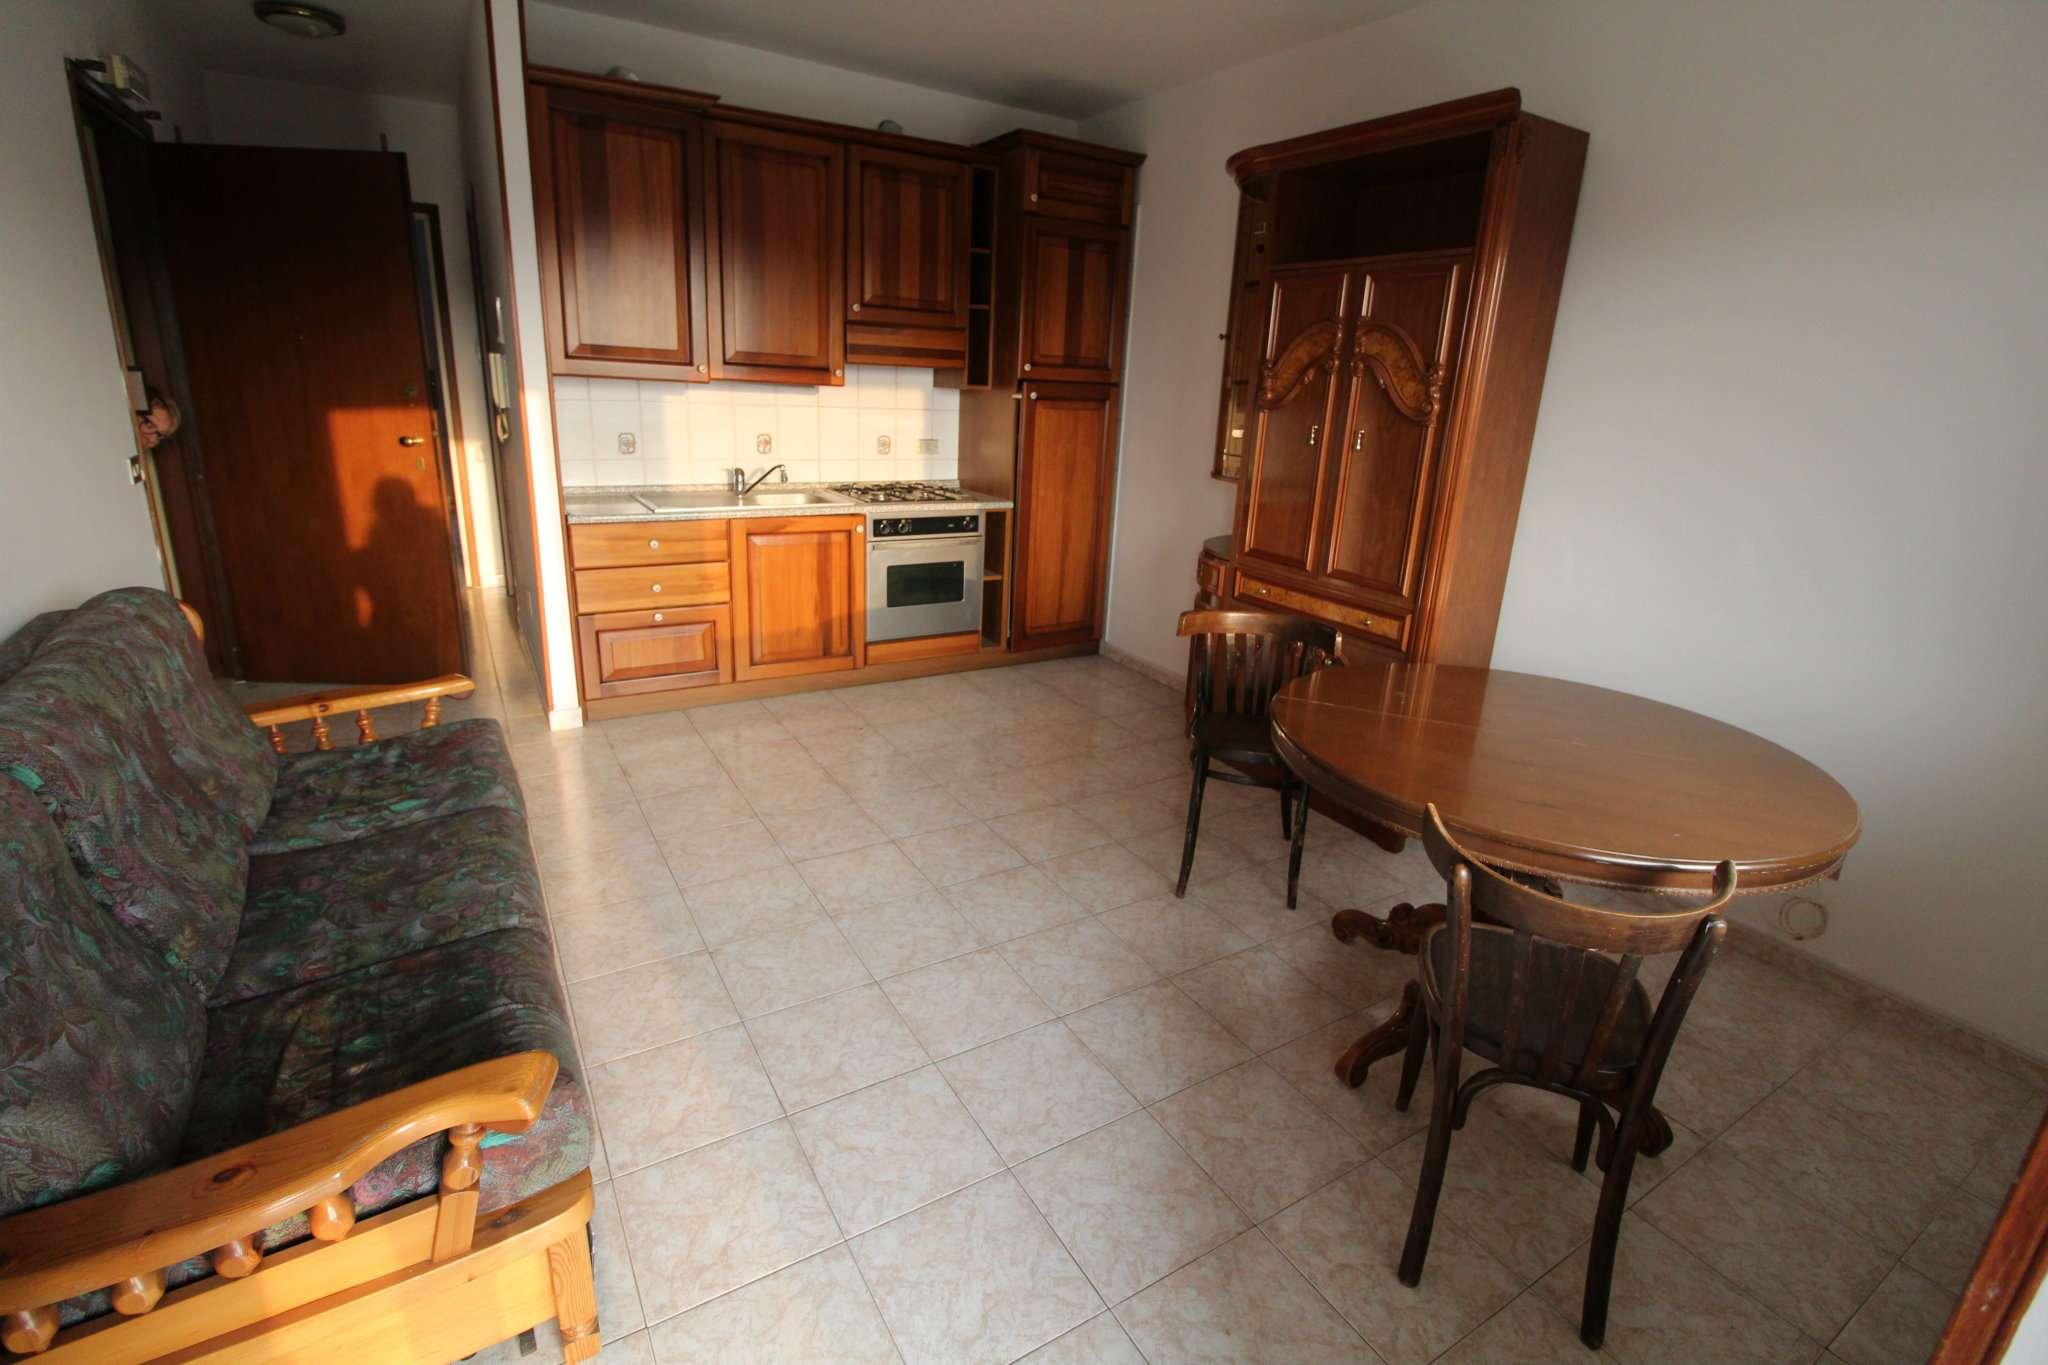 Appartamento in vendita a Candiolo, 2 locali, prezzo € 46.000 | CambioCasa.it